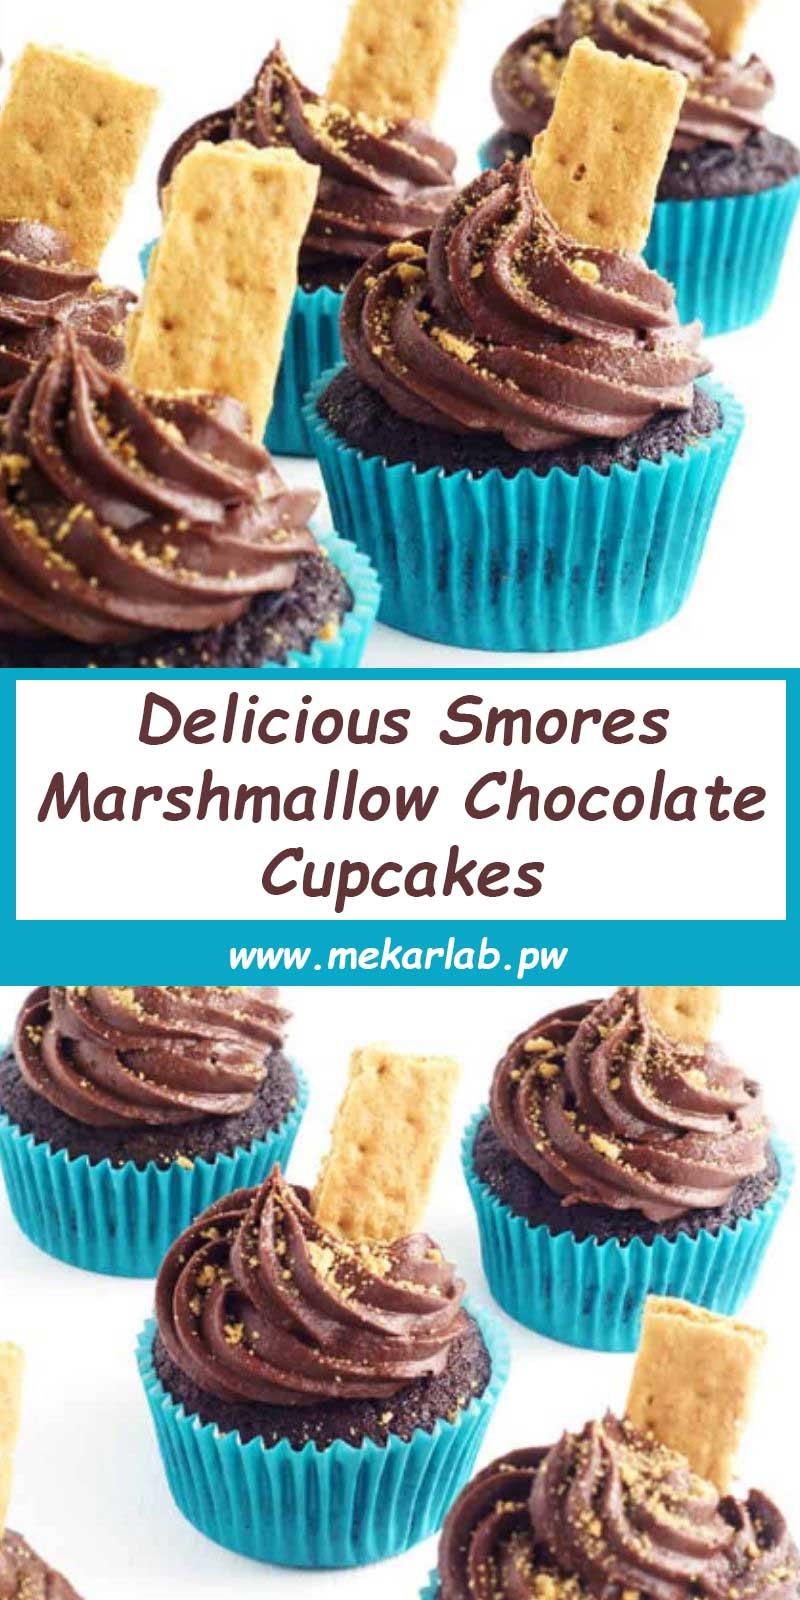 Delicious Smores Marshmallow Chocolate Cupcakes